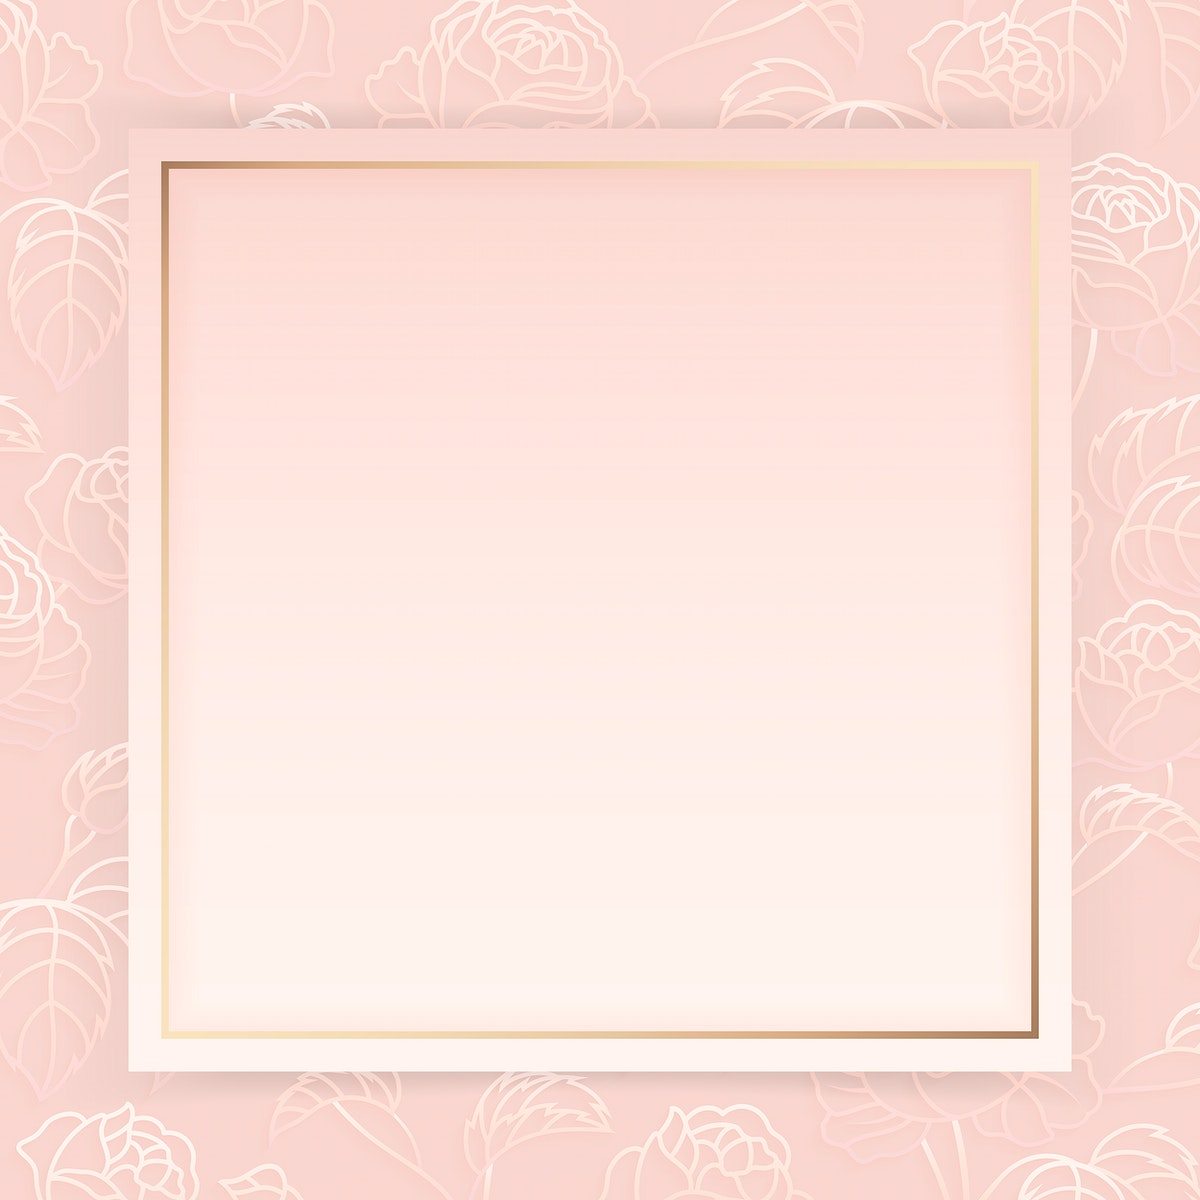 gold frame on floral pattern pink background vector